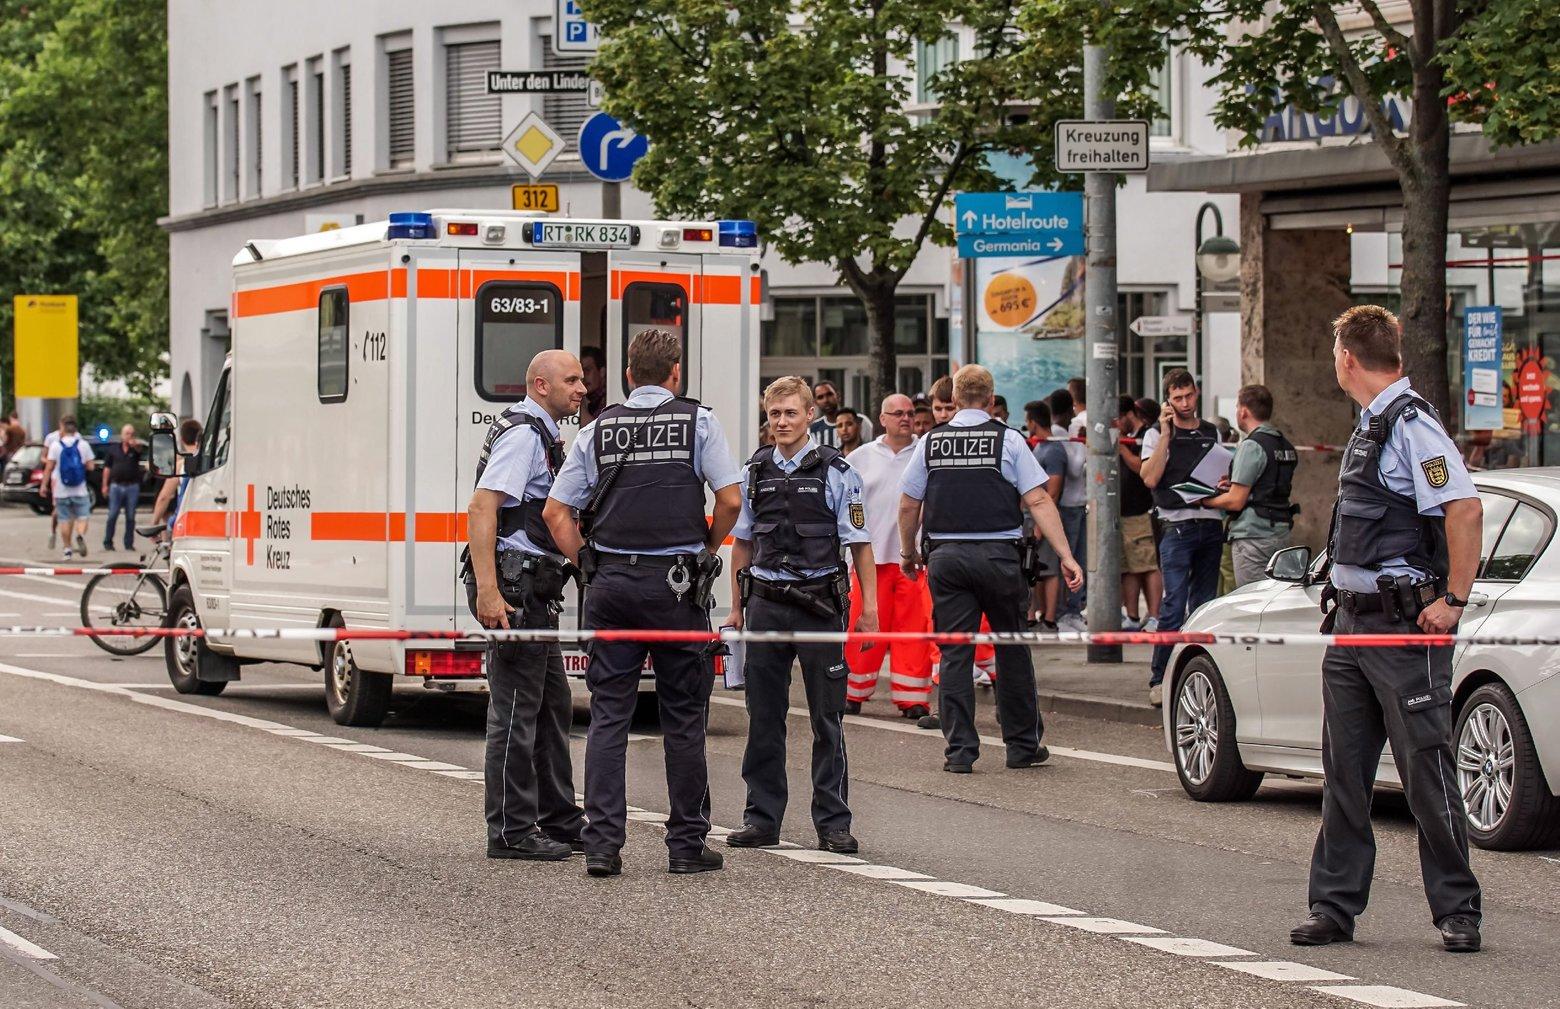 Rendőrök a németországi Reutlingenben elkövetett utcai késelés helyszínén 2016. július 24-én. A helyi rendőrség közleménye szerint az elkövető, aki egy embert megölt és kettőt megsebesített egy bozótvágó késsel, egy szíriai menedékkérő (MTI/EPA/Christoph Schmidt)